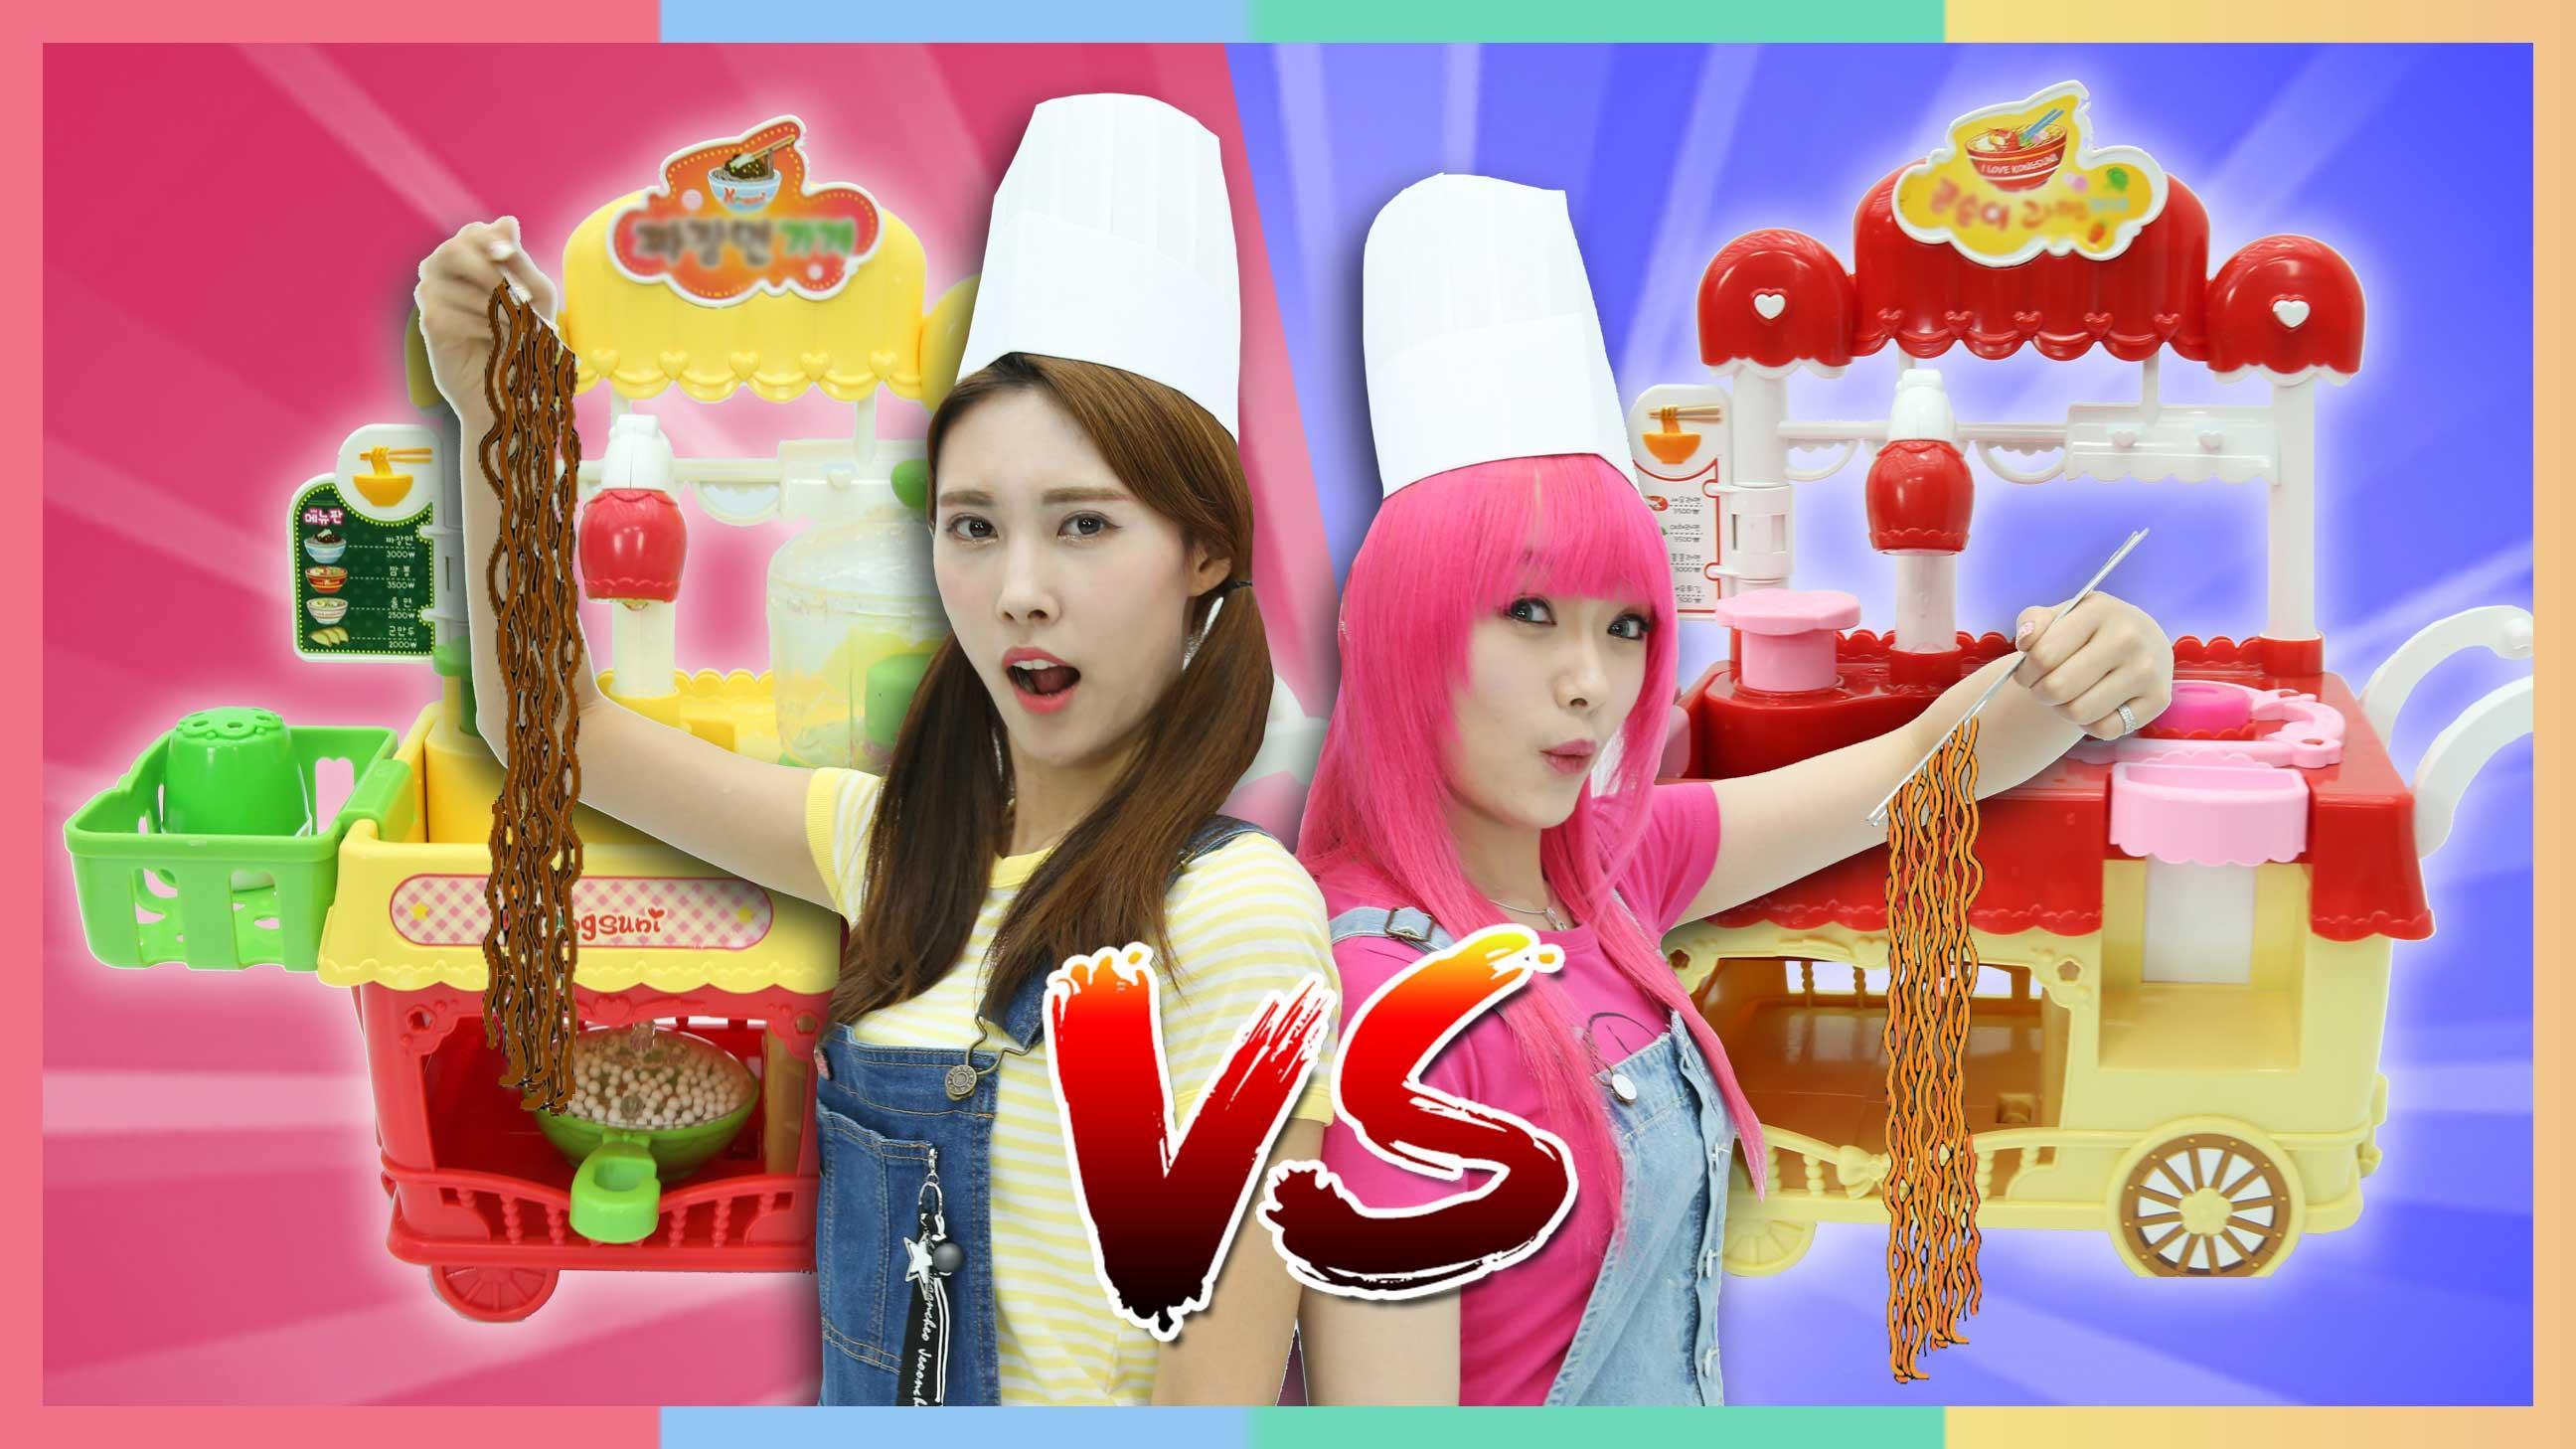 炸酱面VS海鲜拉面的对决!最好吃的面竟然是炸酱拉面?| 凯利和玩具朋友们 CarrieAndToys